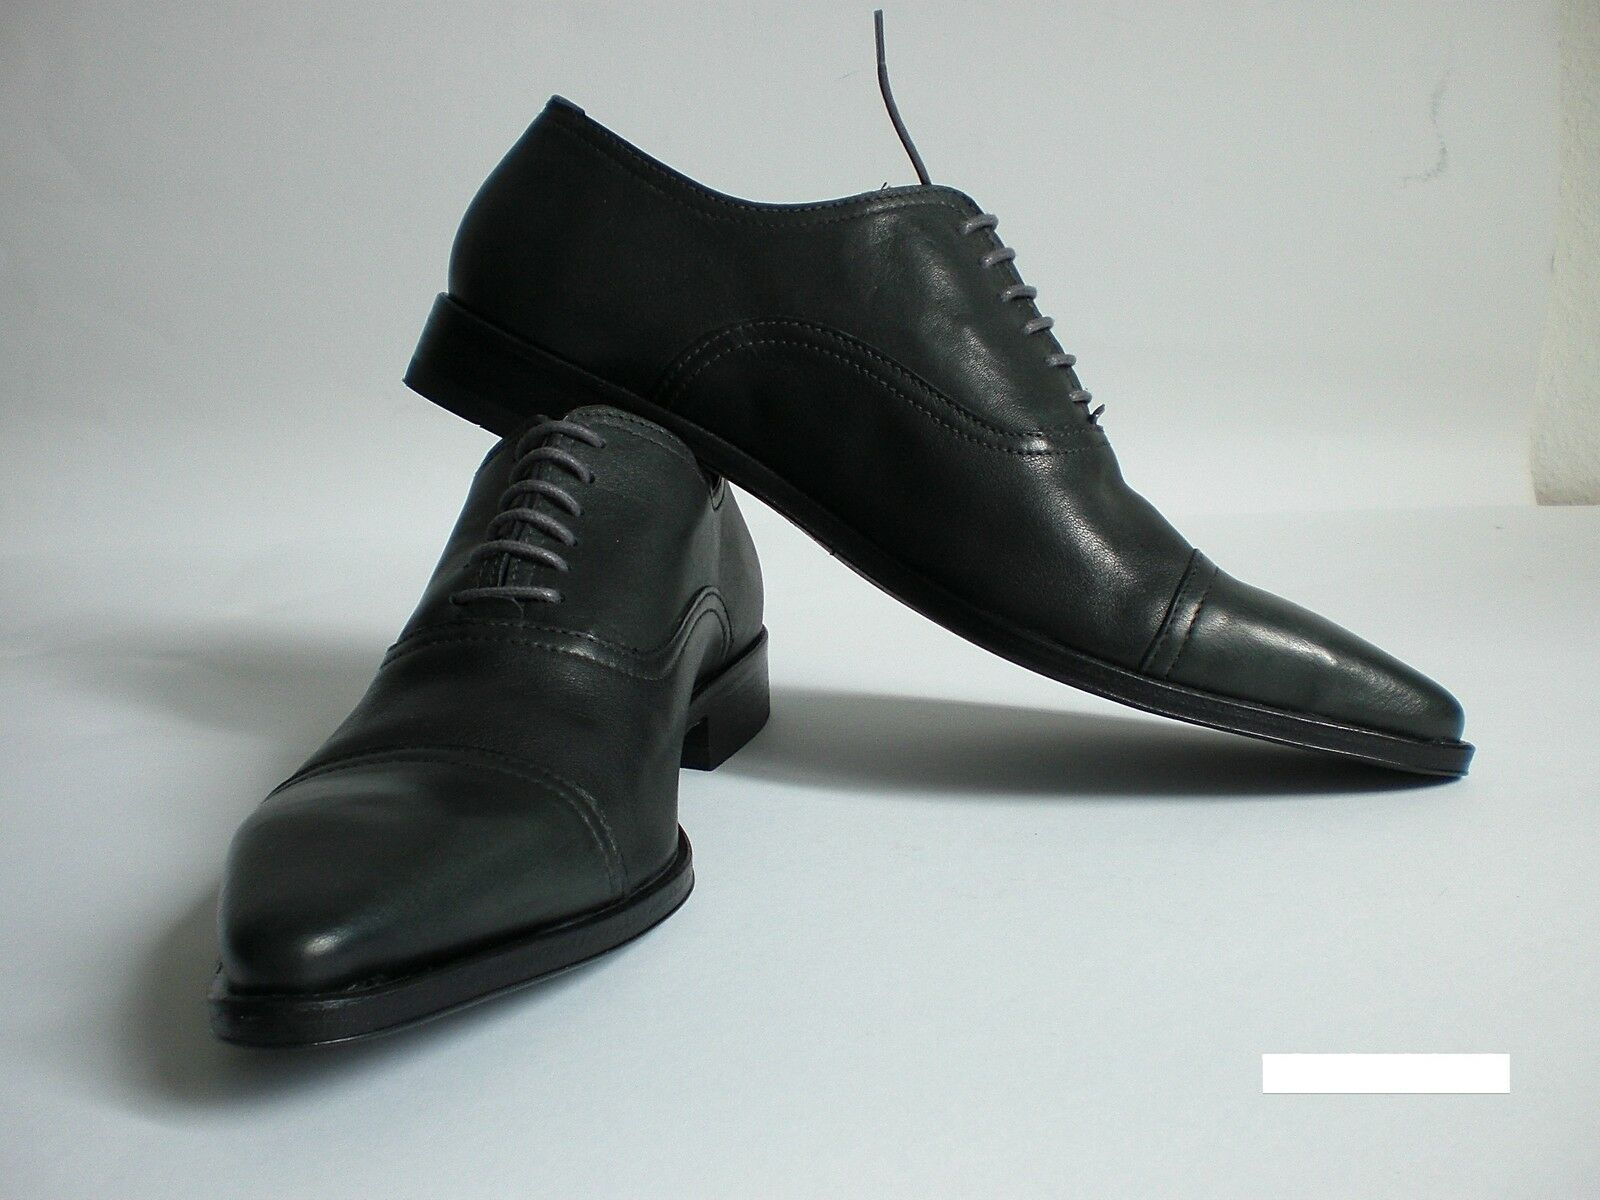 SIXTY HERREN BUSINESS-SCHUHE SCHNÜRSCHUHE LUXUS Gr:40 Boss NEU OVP UVP:215,